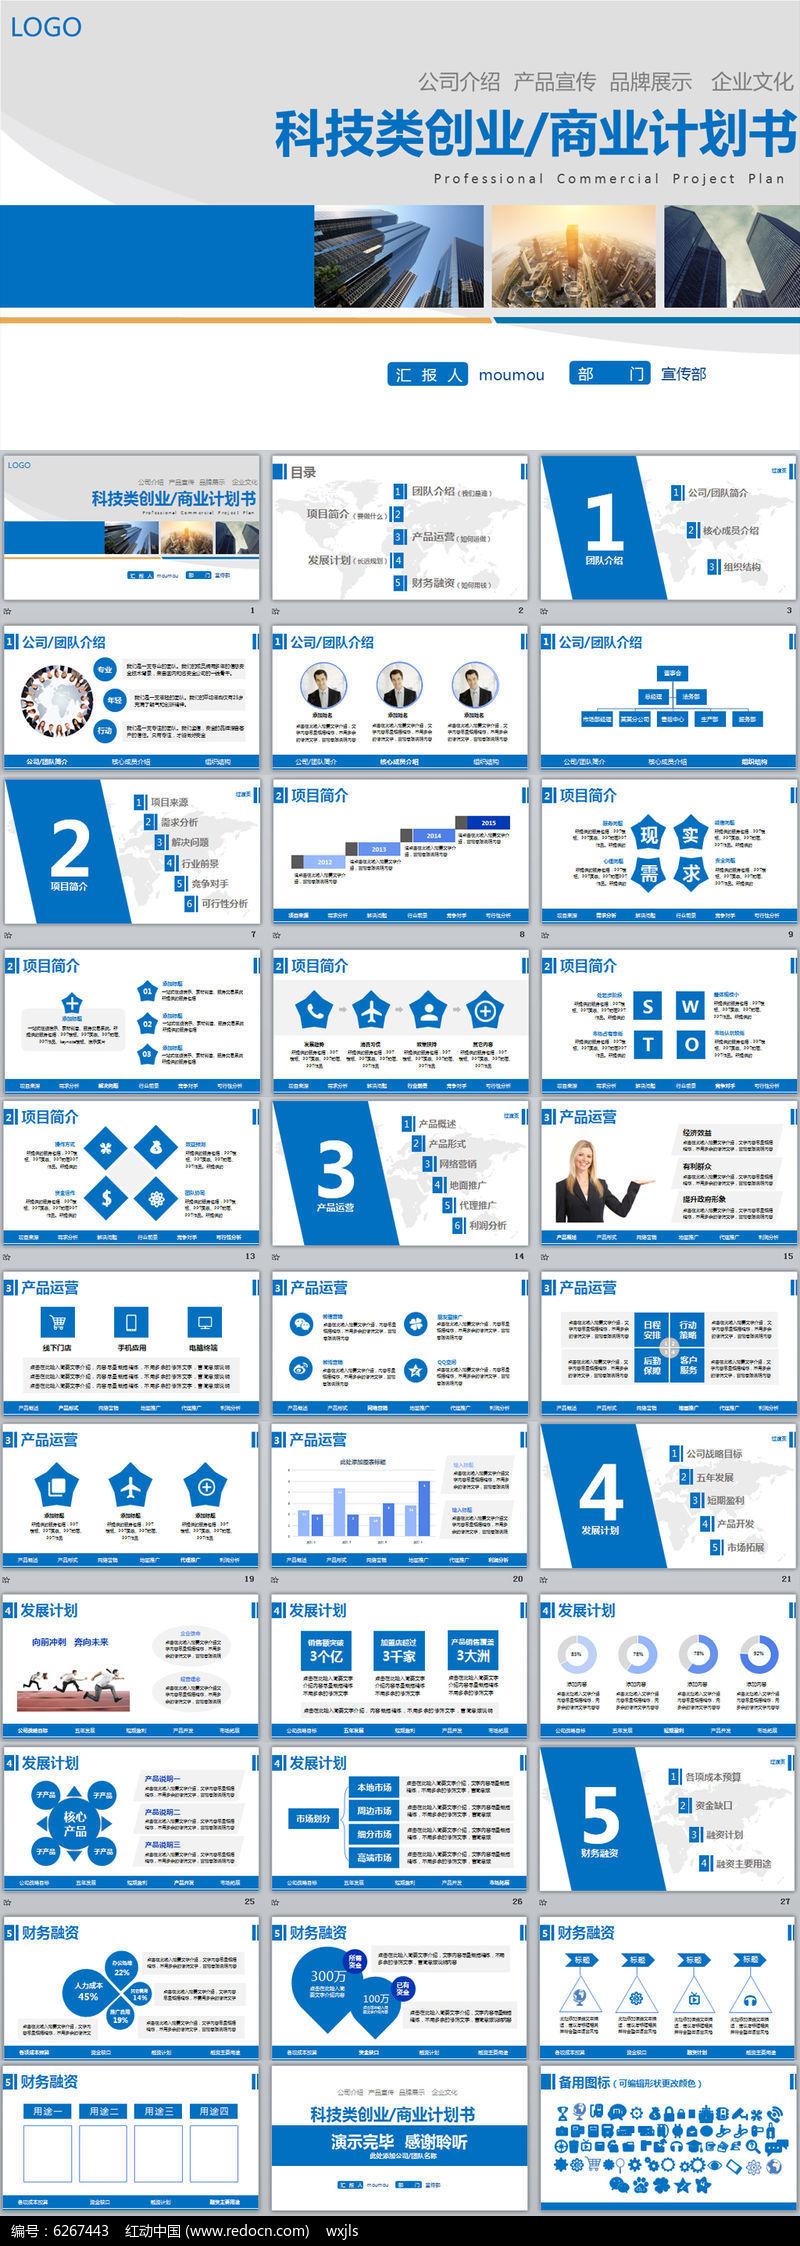 蓝色企业文化宣传创业融资招商商业策划计划书ppt模板